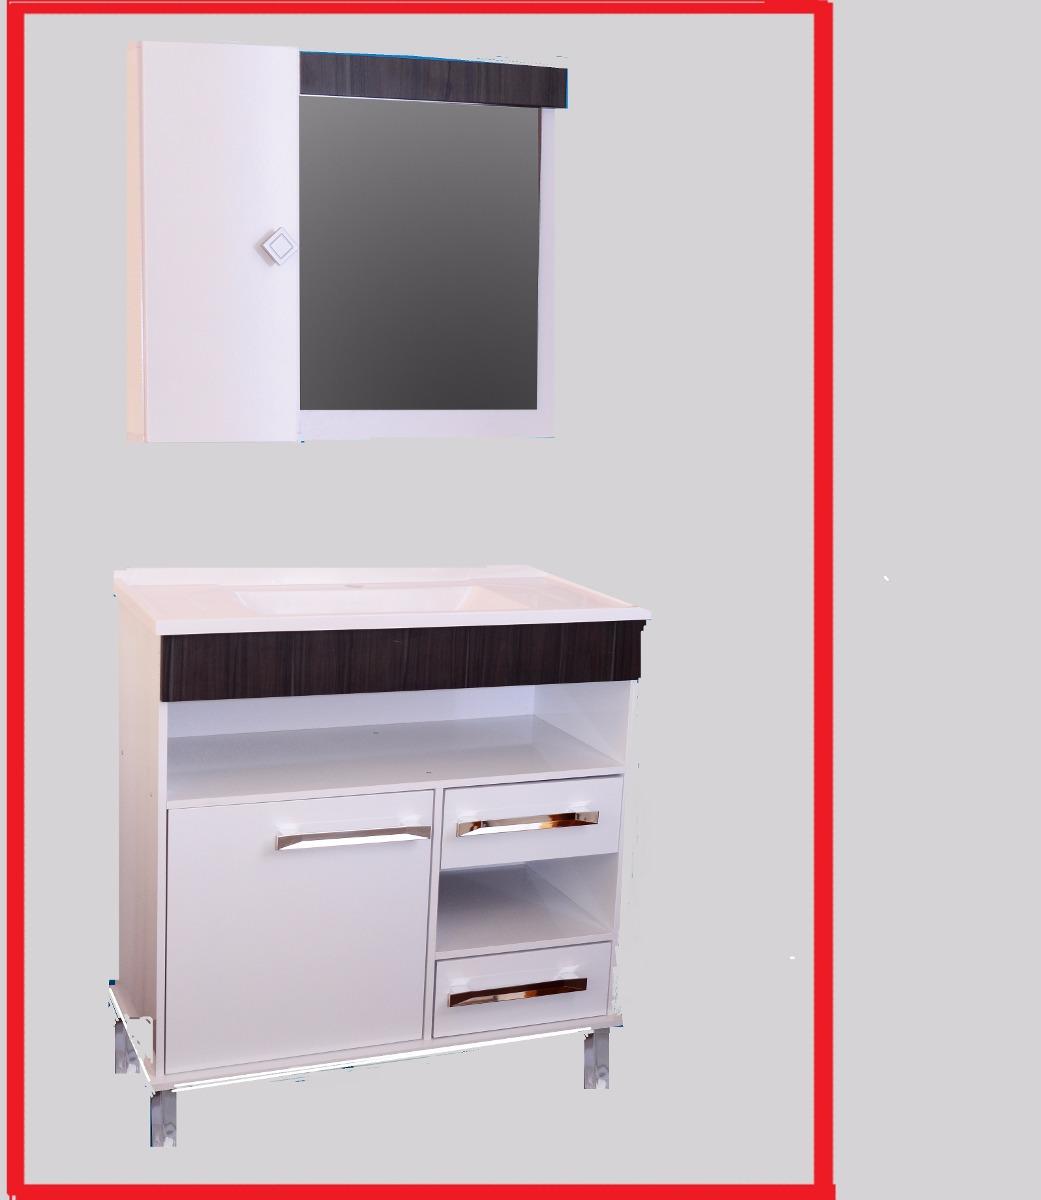 Muebles Para Baño Uy:Mueble De Baño Bacha Pileta Botiquin Espejo Exclusivo – $ 5890,00 en